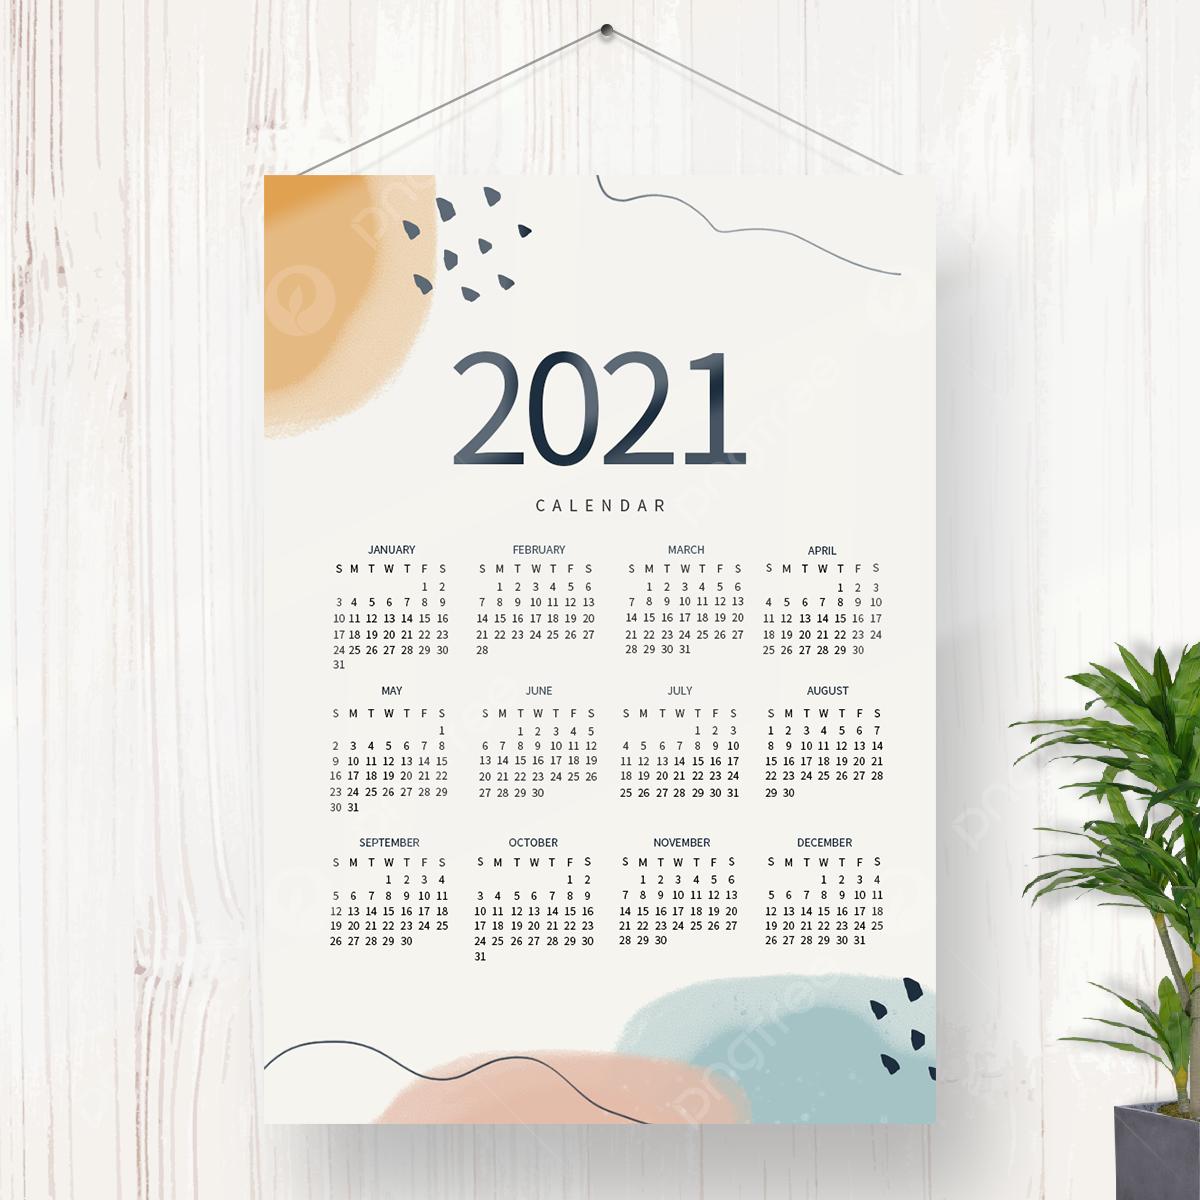 Kalender 2021 Aesthetic